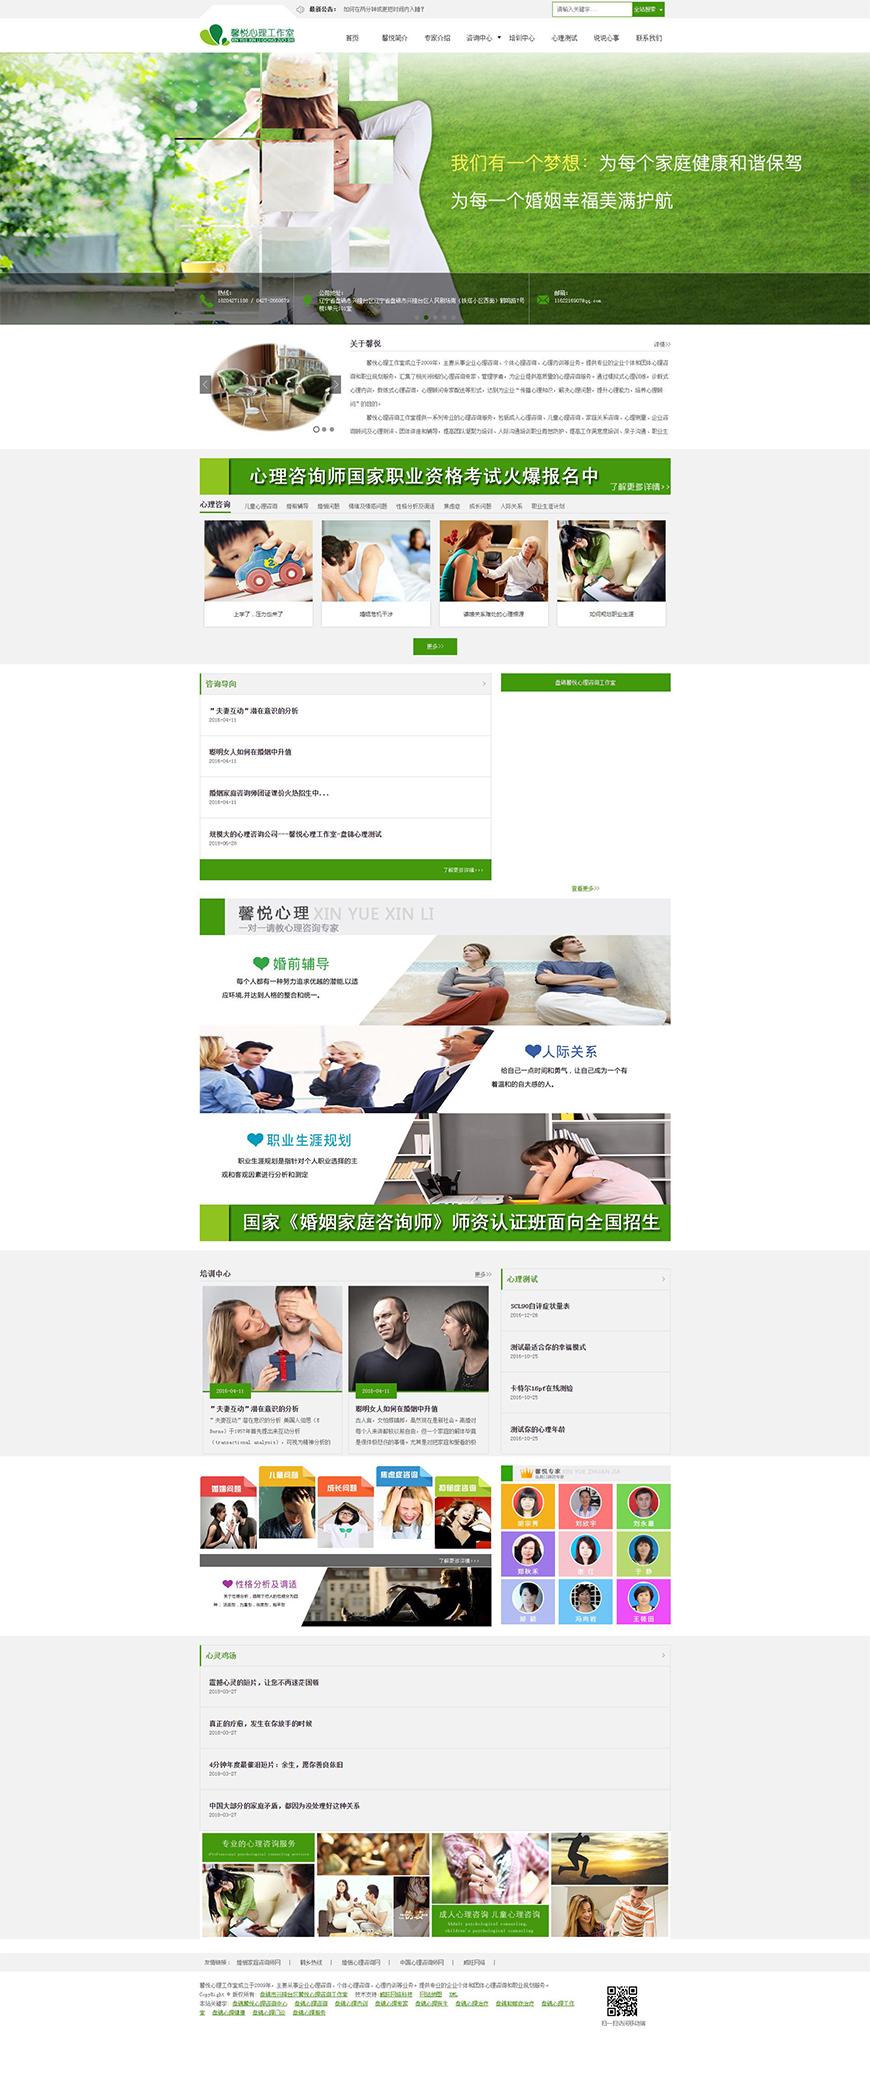 馨悦心理工作室.jpg